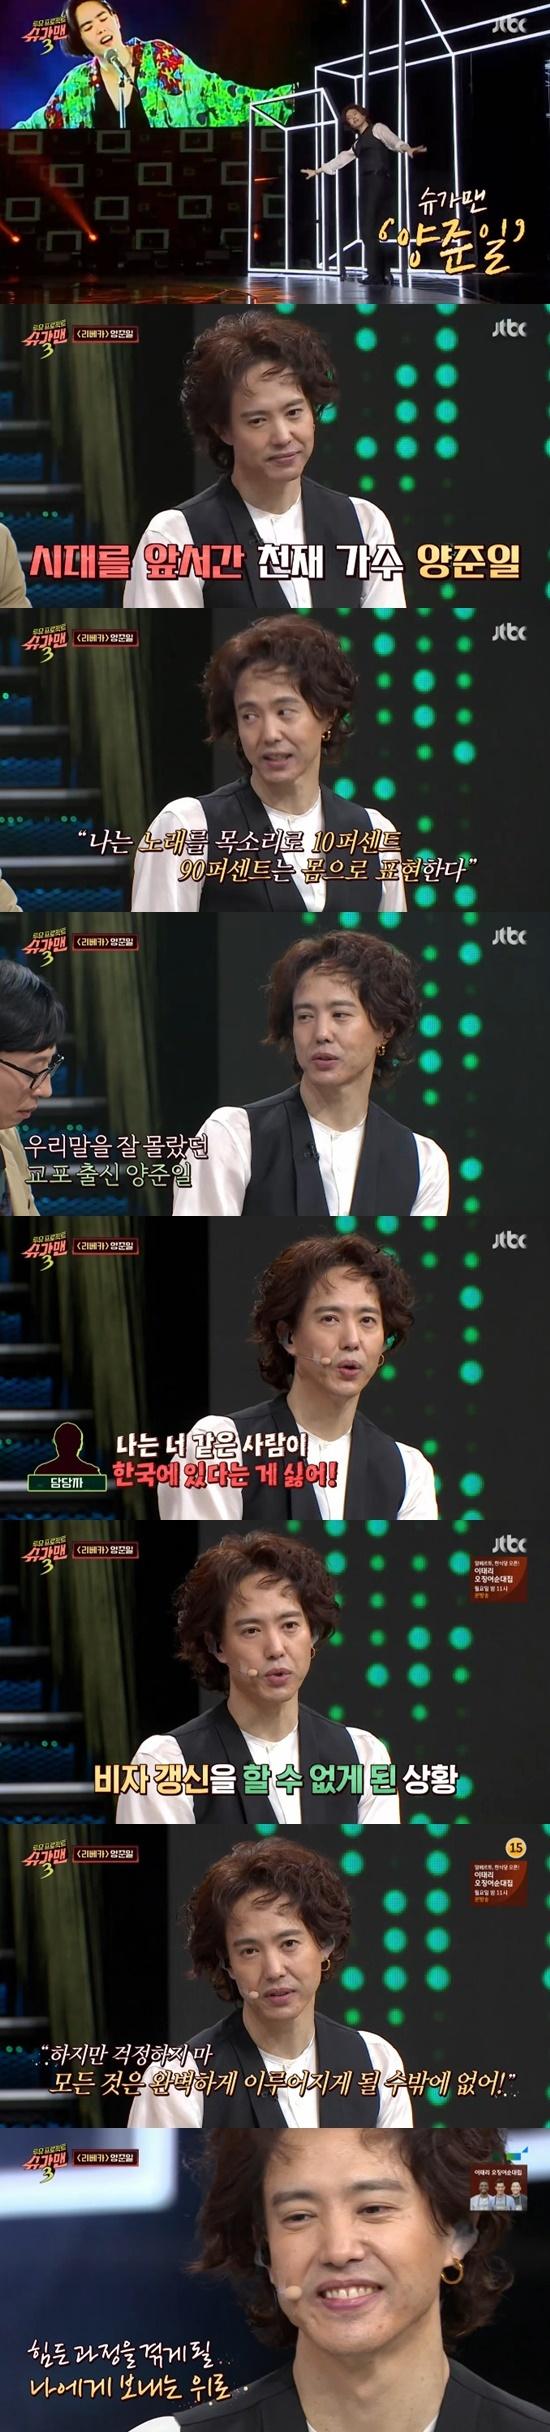 [RE:TV] '슈가맨3' 양준일, 20세기 비운의 천재…험난했던 활동